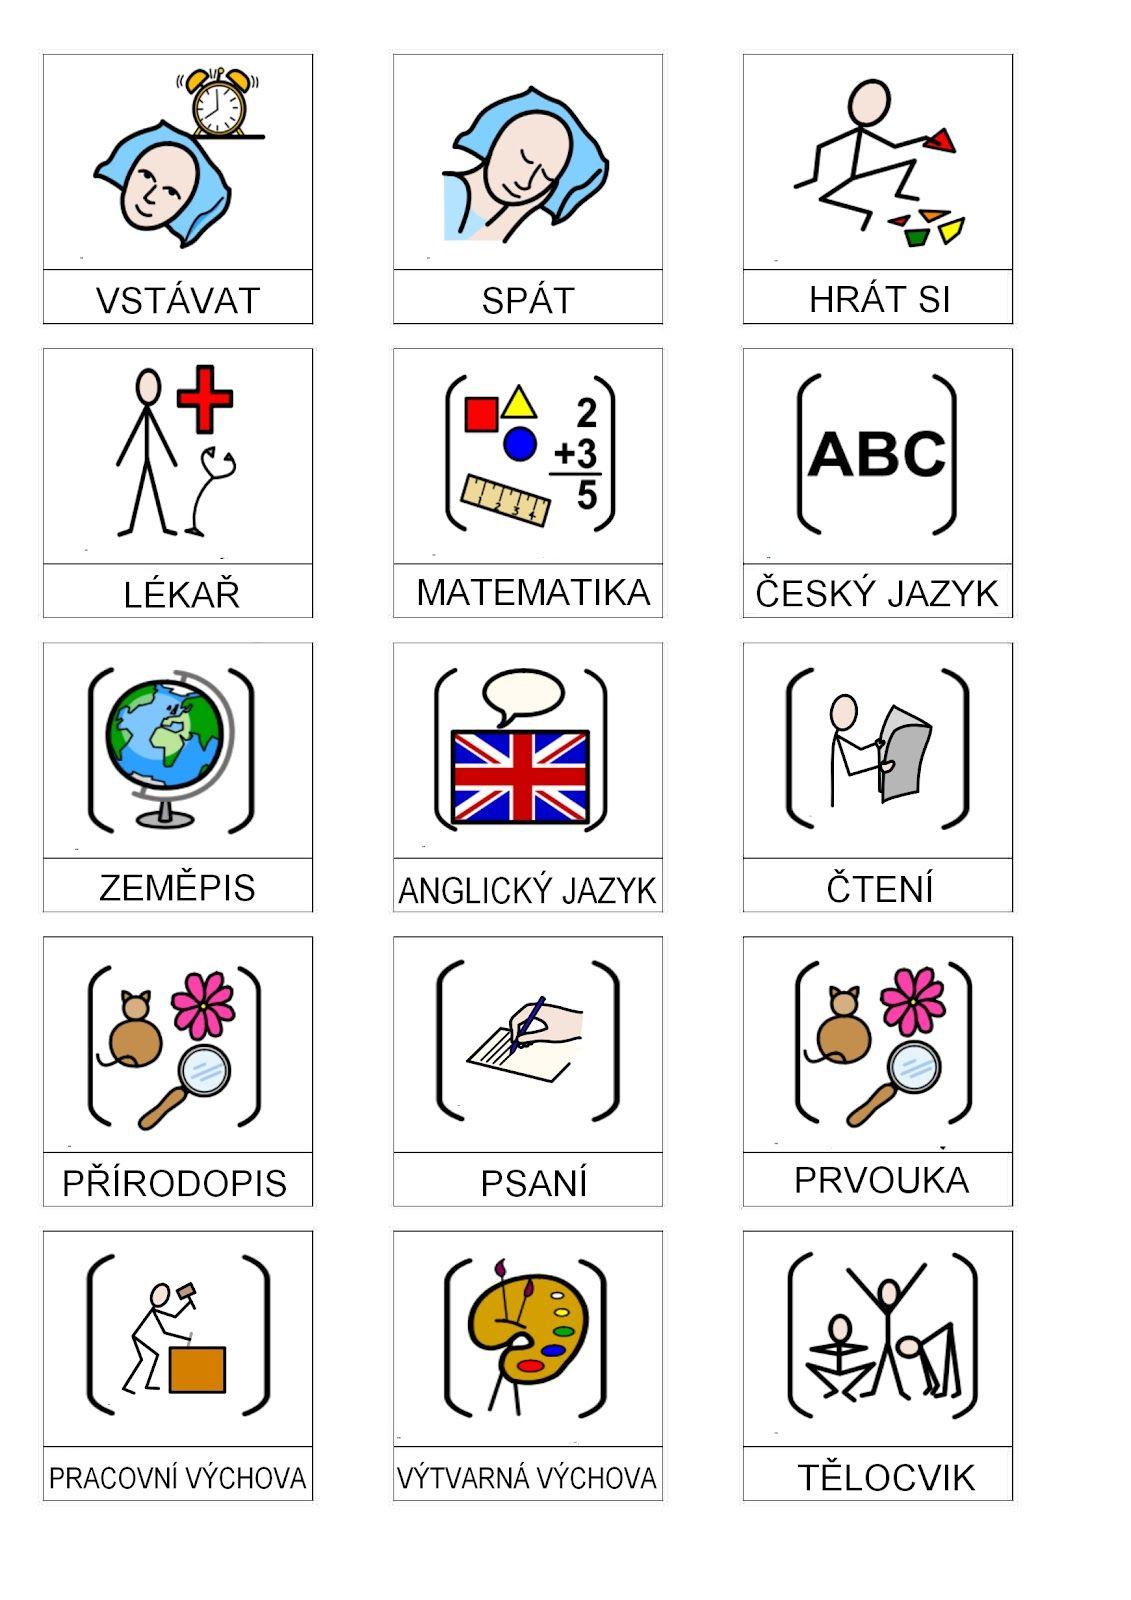 V Sledek Obrazku Pro Piktogramy Pro Autisty Kola